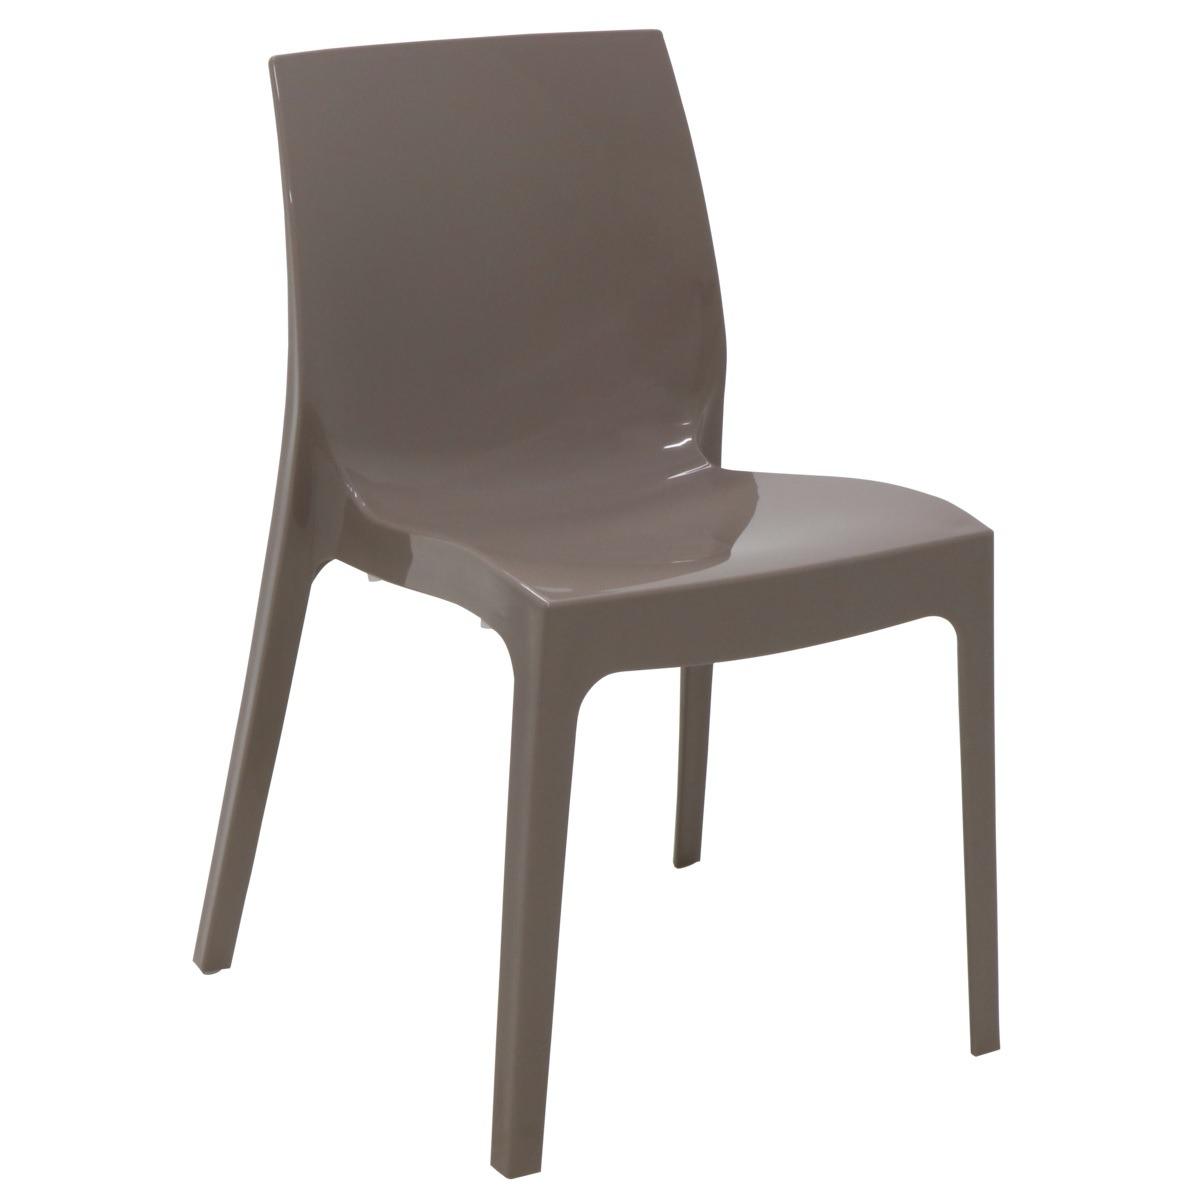 Cadeira Tramontina Camurca Alice em Polipropileno com Encosto